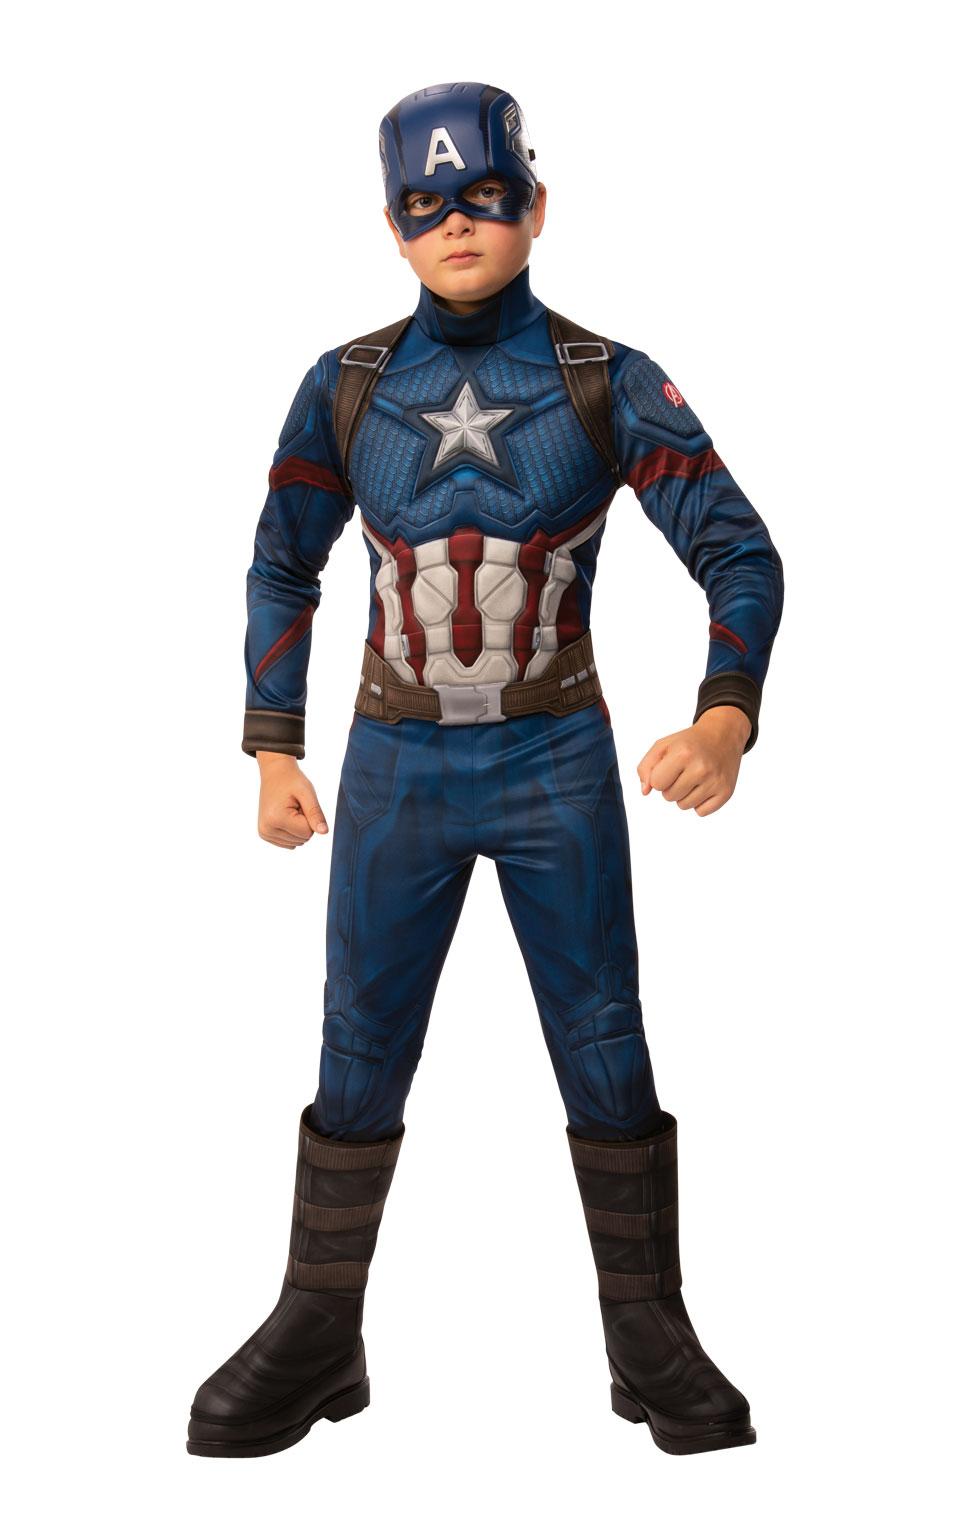 Avengers Endgame: Captain America - DELUXE kostým s maskou vel. S